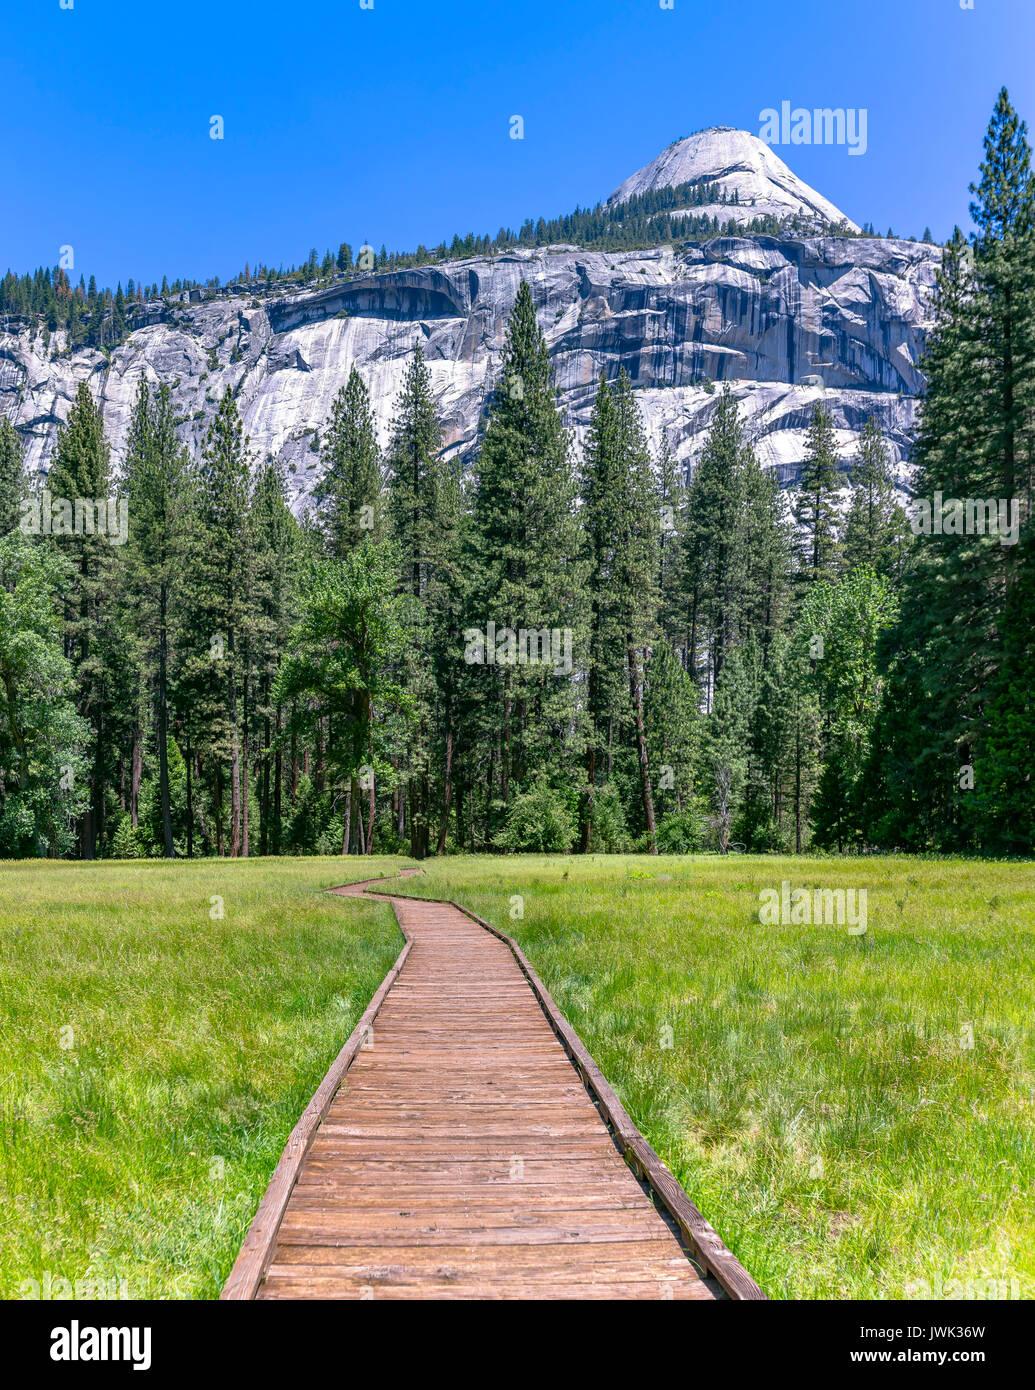 Holz- stepping Pfad in den Wiesen von Yosemite. Dieser Weg führt Sie über die Wiese, wo es eine Menge von stagnierendem Wasser Stockfoto